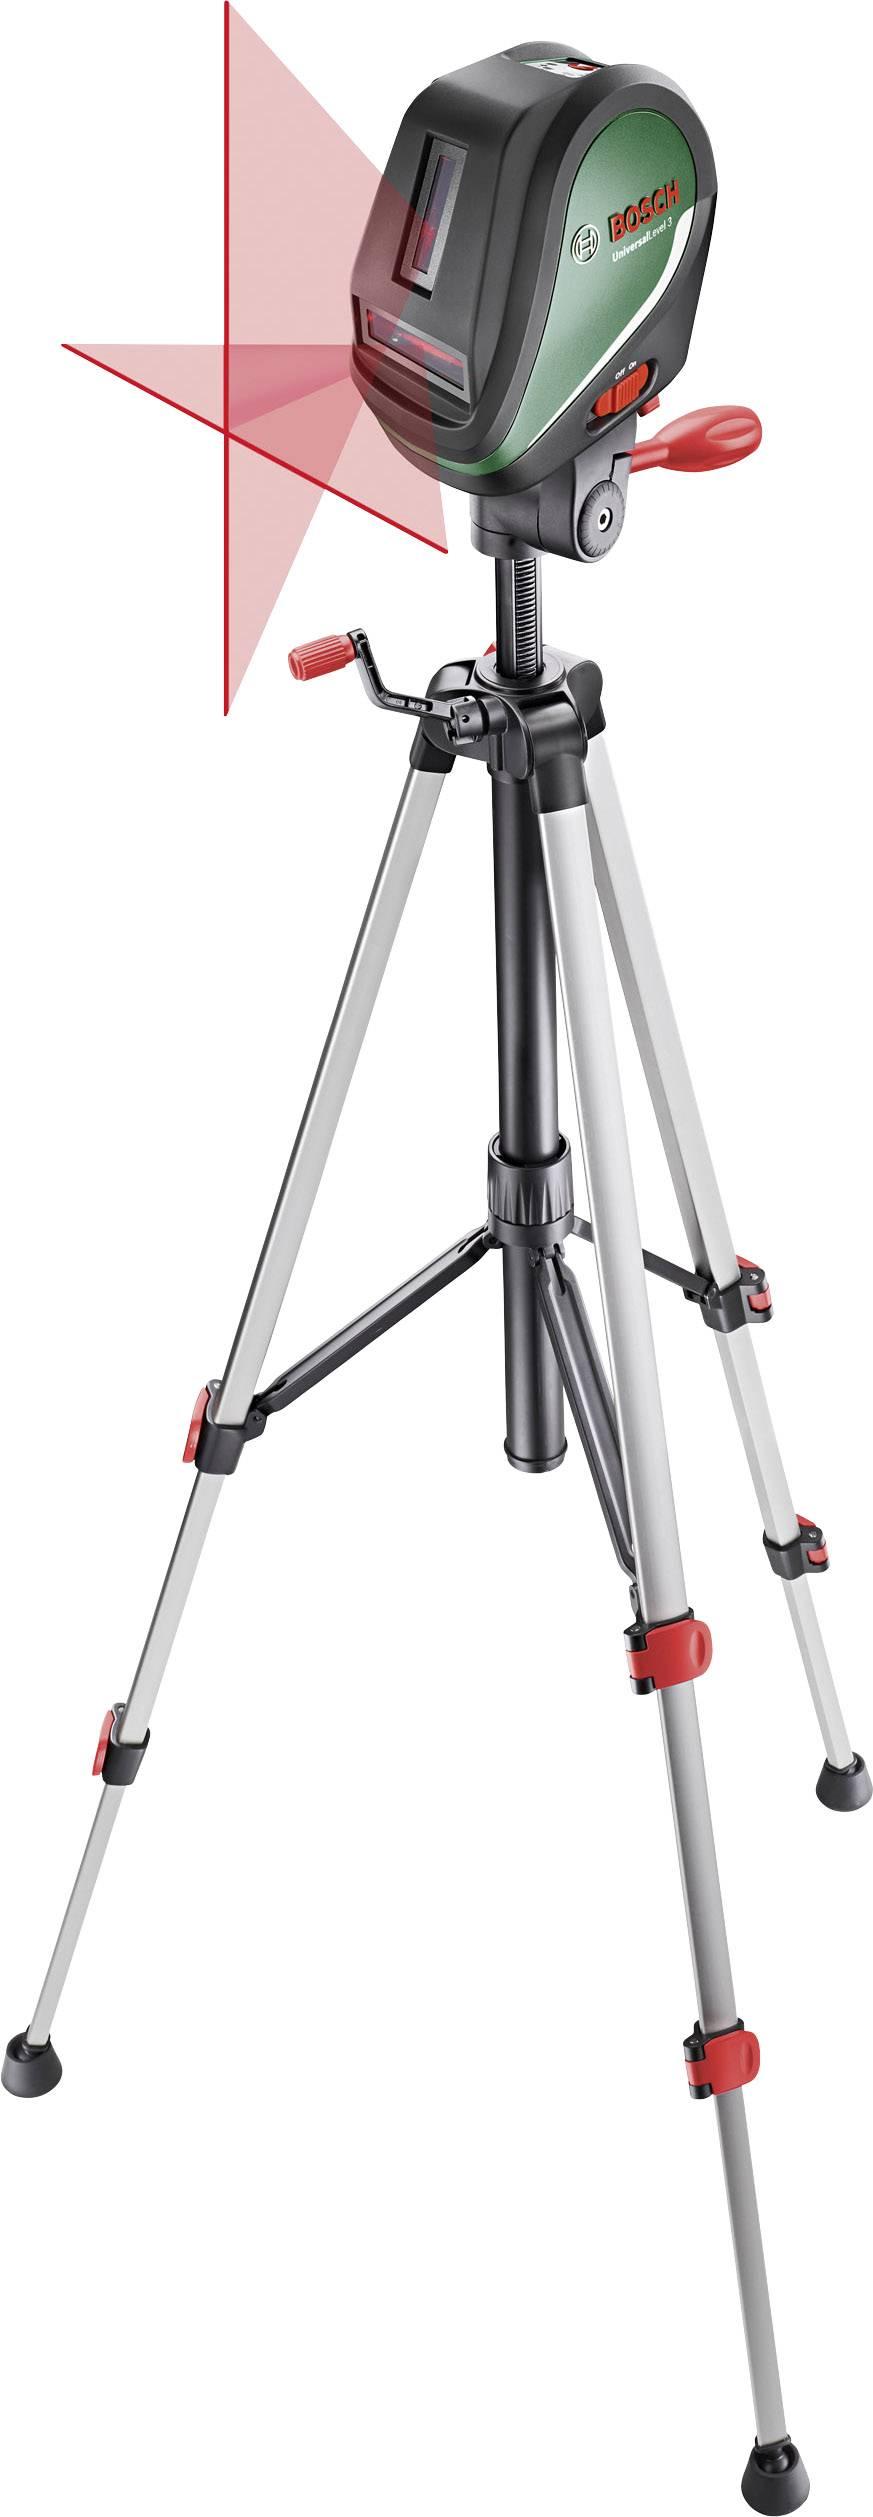 Křížový laser samonivelační, vč. stativu Bosch Home and Garden UniversalLevel 3 Set, dosah (max.): 10 m, Kalibrováno dle: bez certifikátu